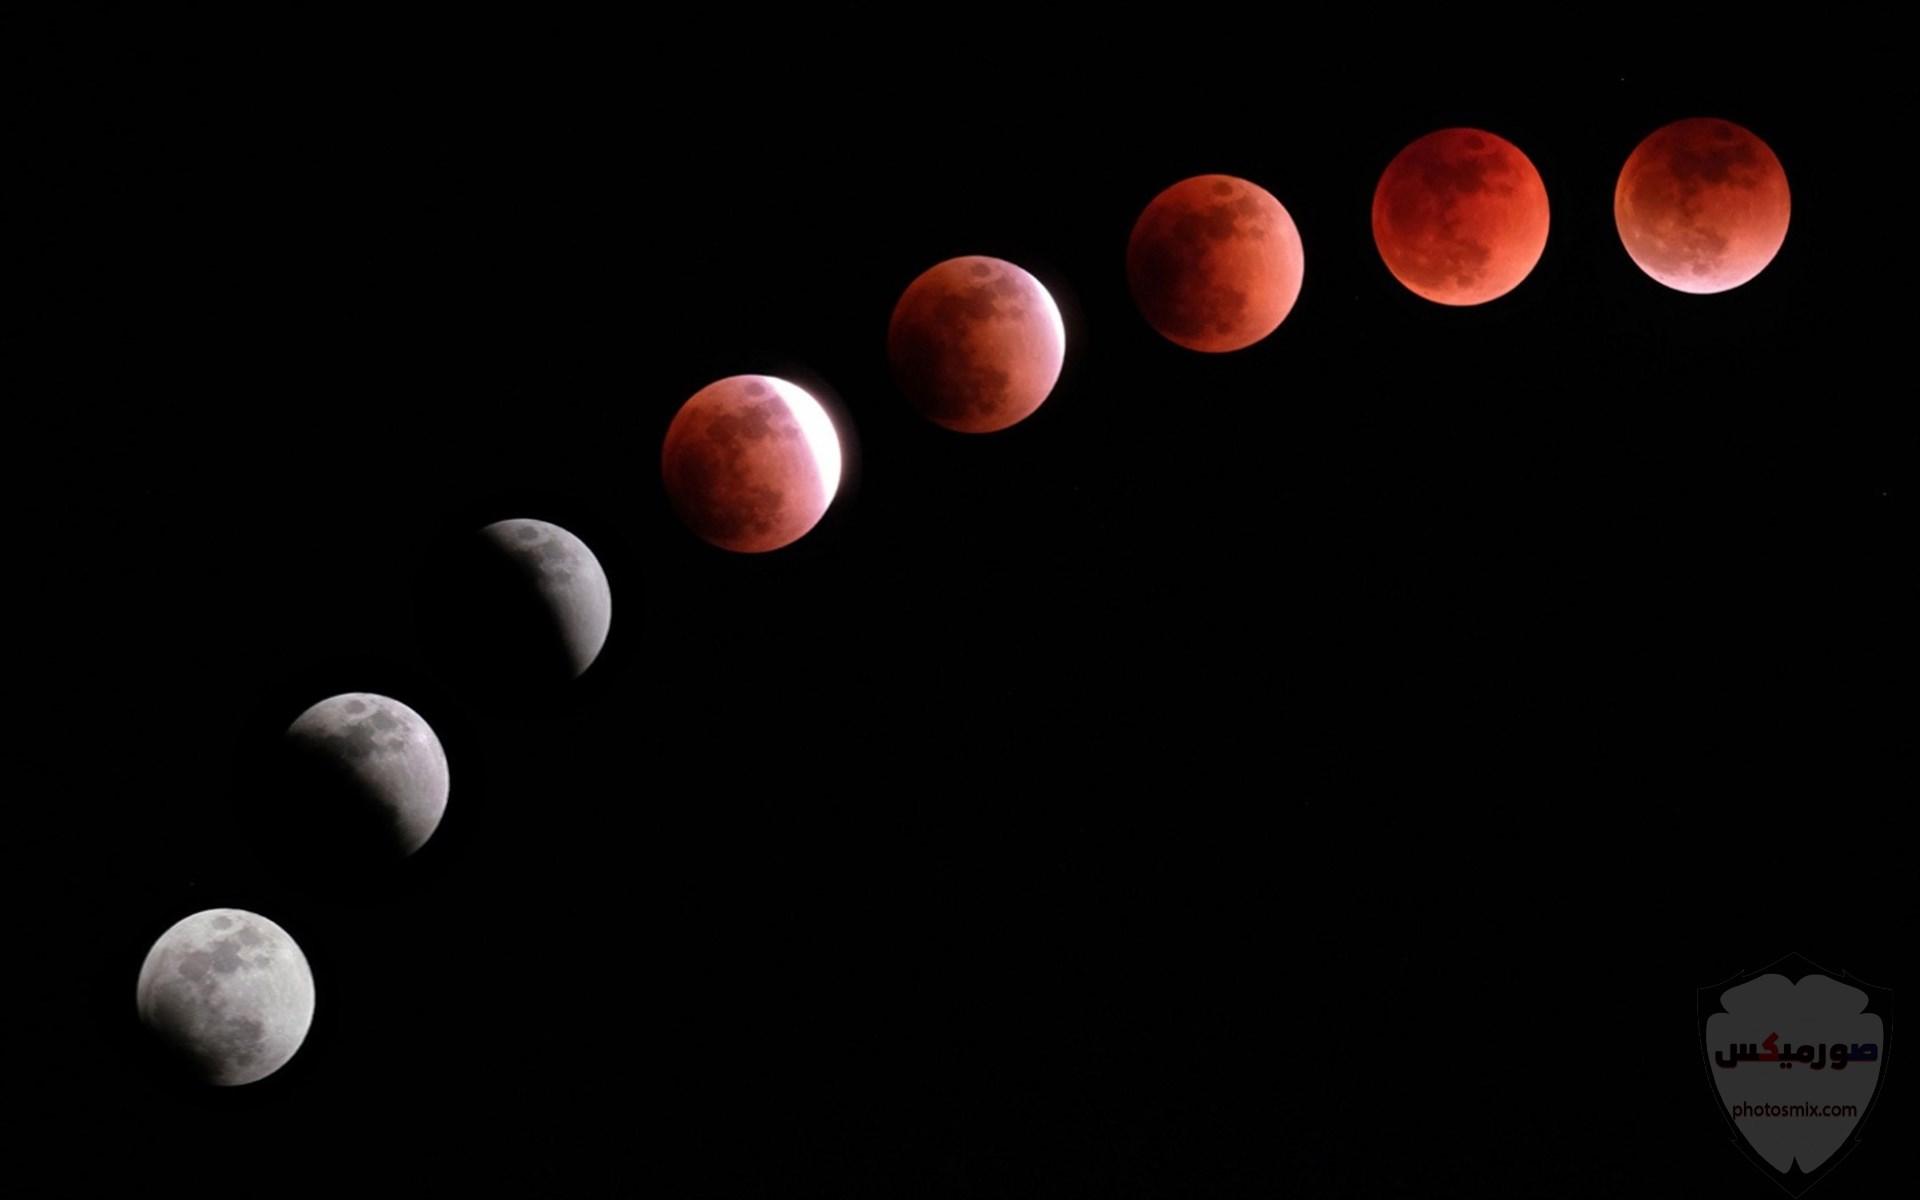 خلفيات القمر والبحر خلفيات ليل وقمر خلفيات ليليه روعه خلفيات قمر وبنت 1